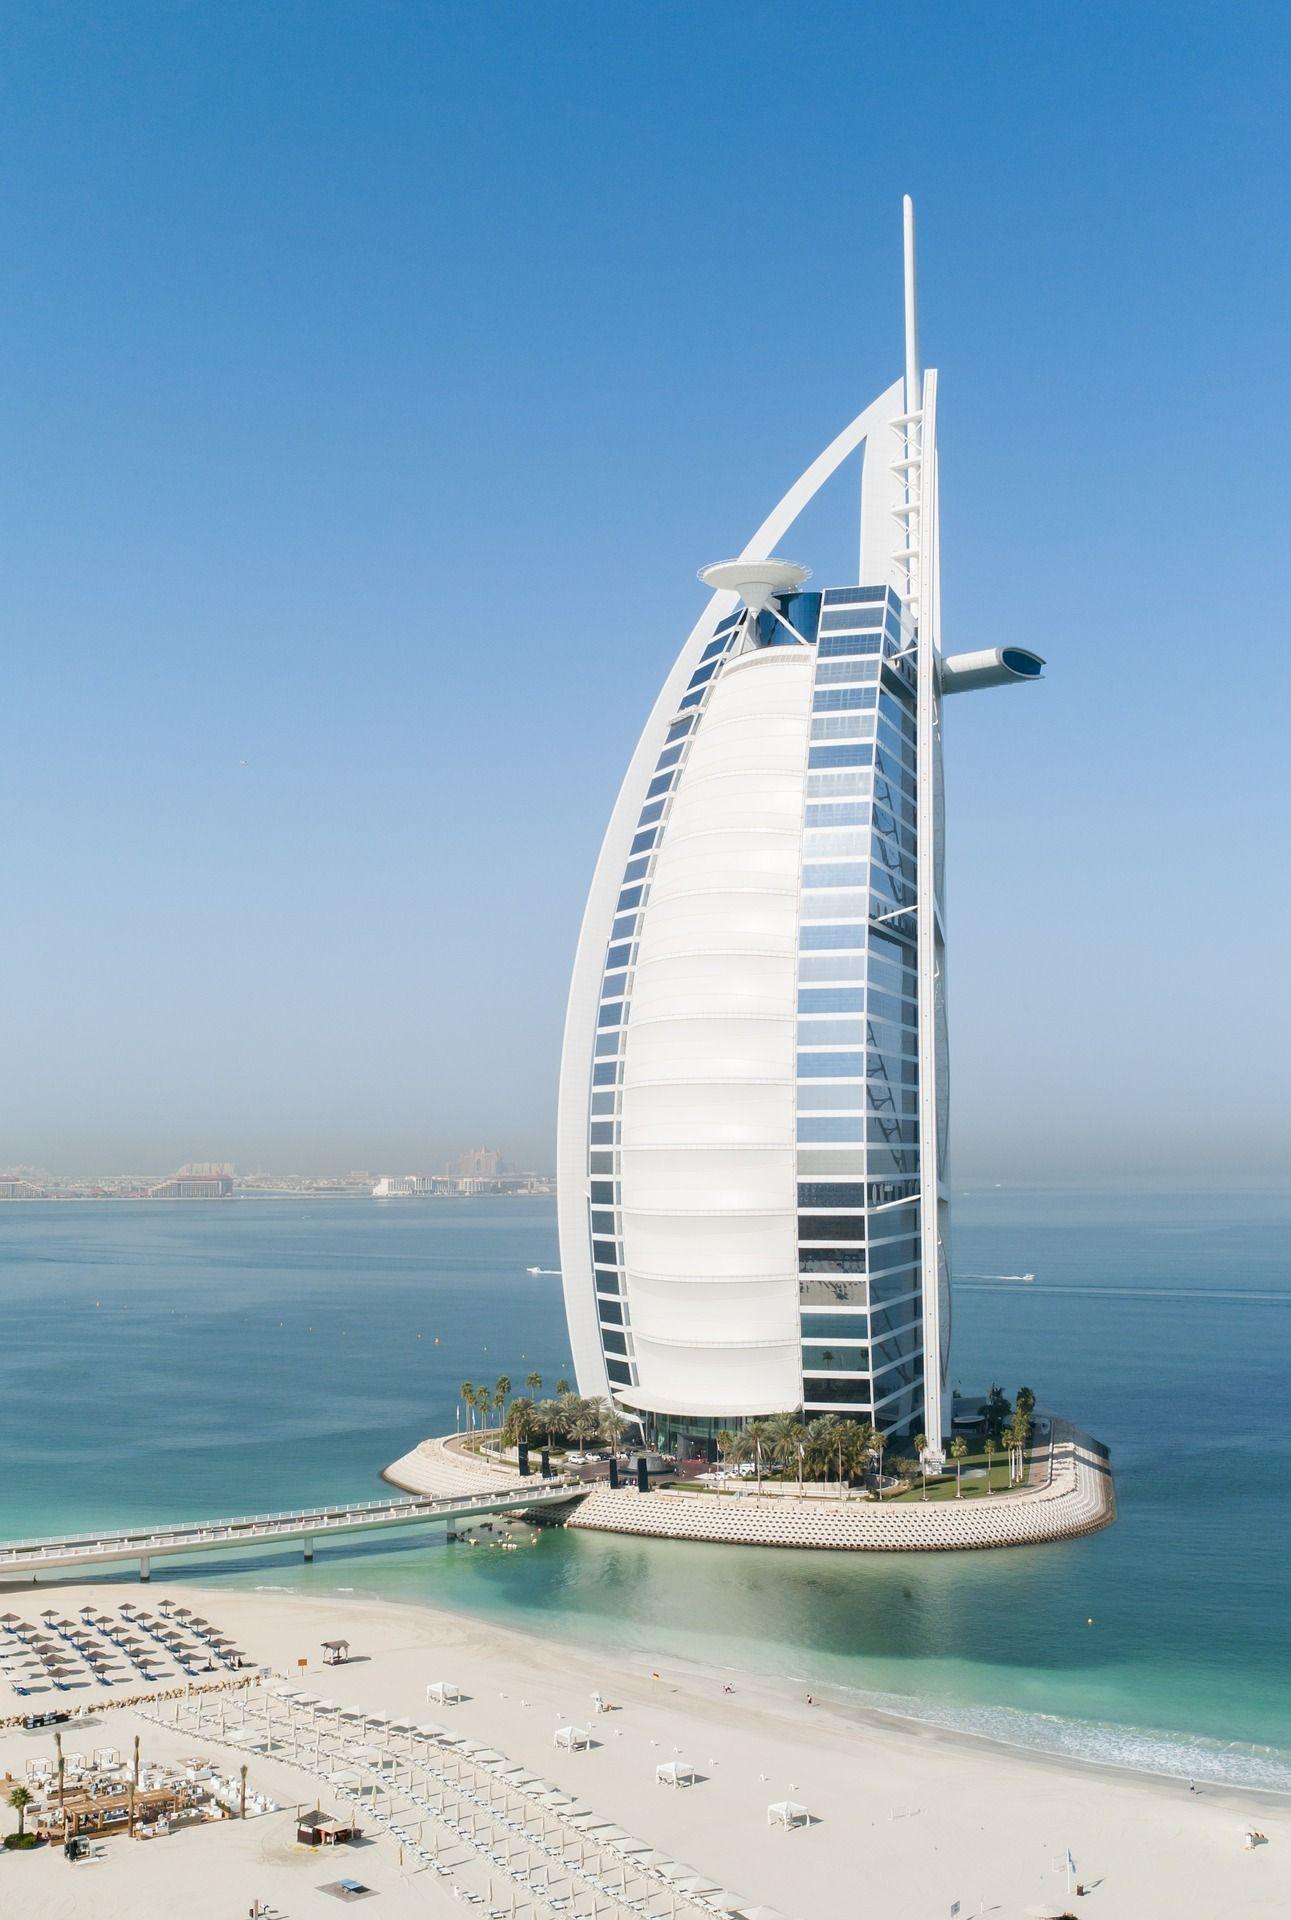 Burj Al Arab Exterior Modlar Com Dubai Travel Dubai Dubai Travel Guide